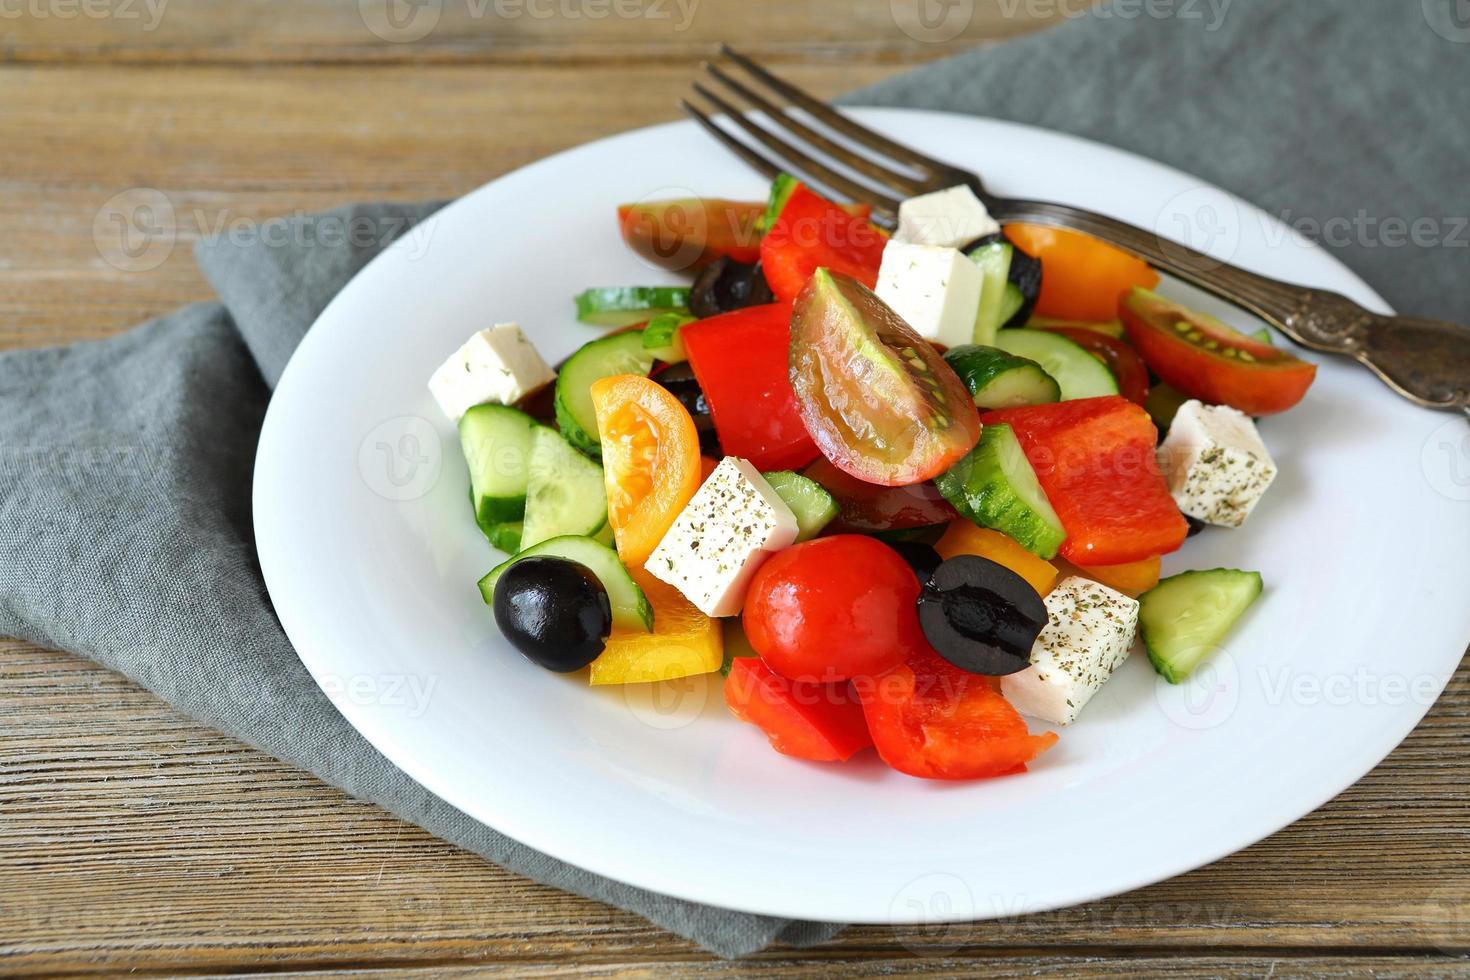 salade grecque sur une plaque blanche photo